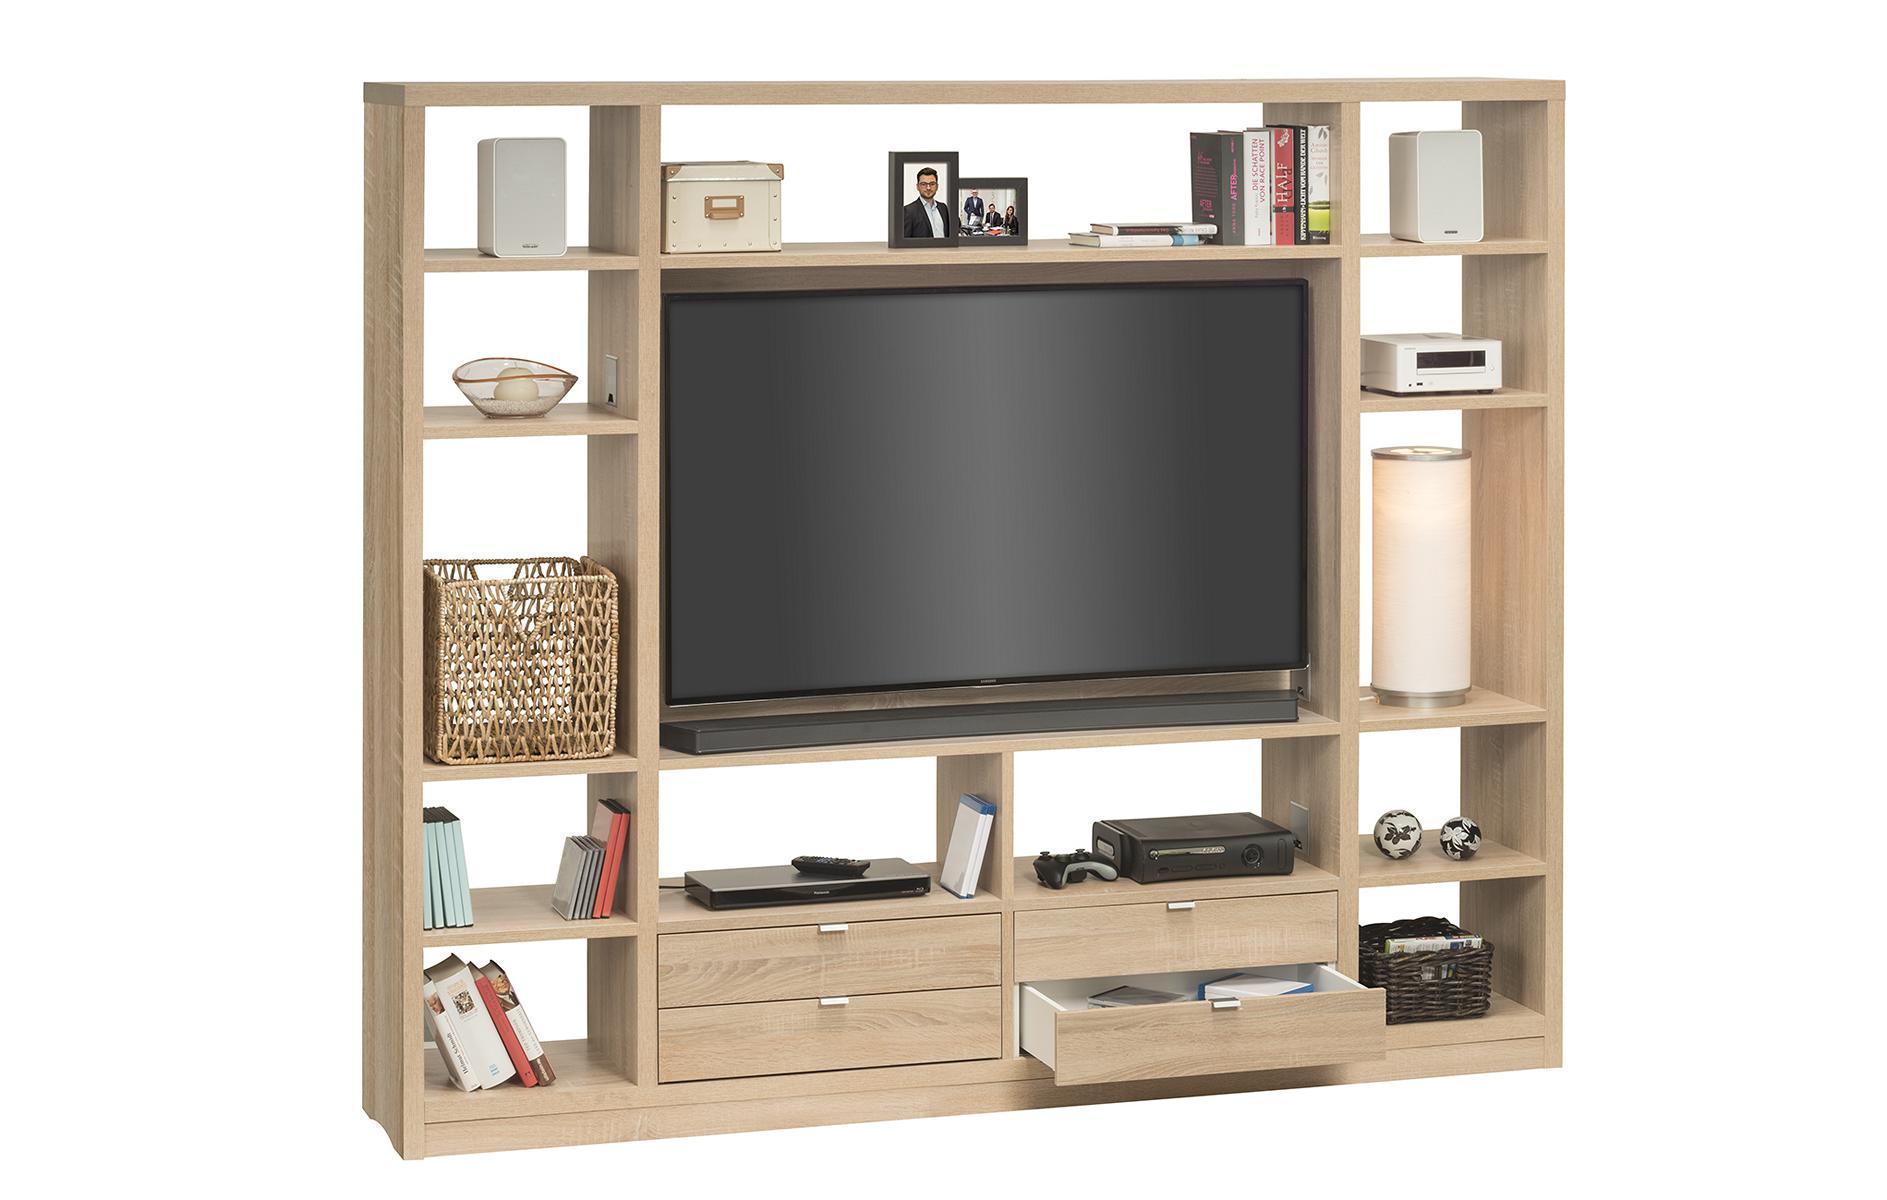 raumteiler mit cableboard regal standregal tv regal mod mj165 sonoma eiche ebay. Black Bedroom Furniture Sets. Home Design Ideas